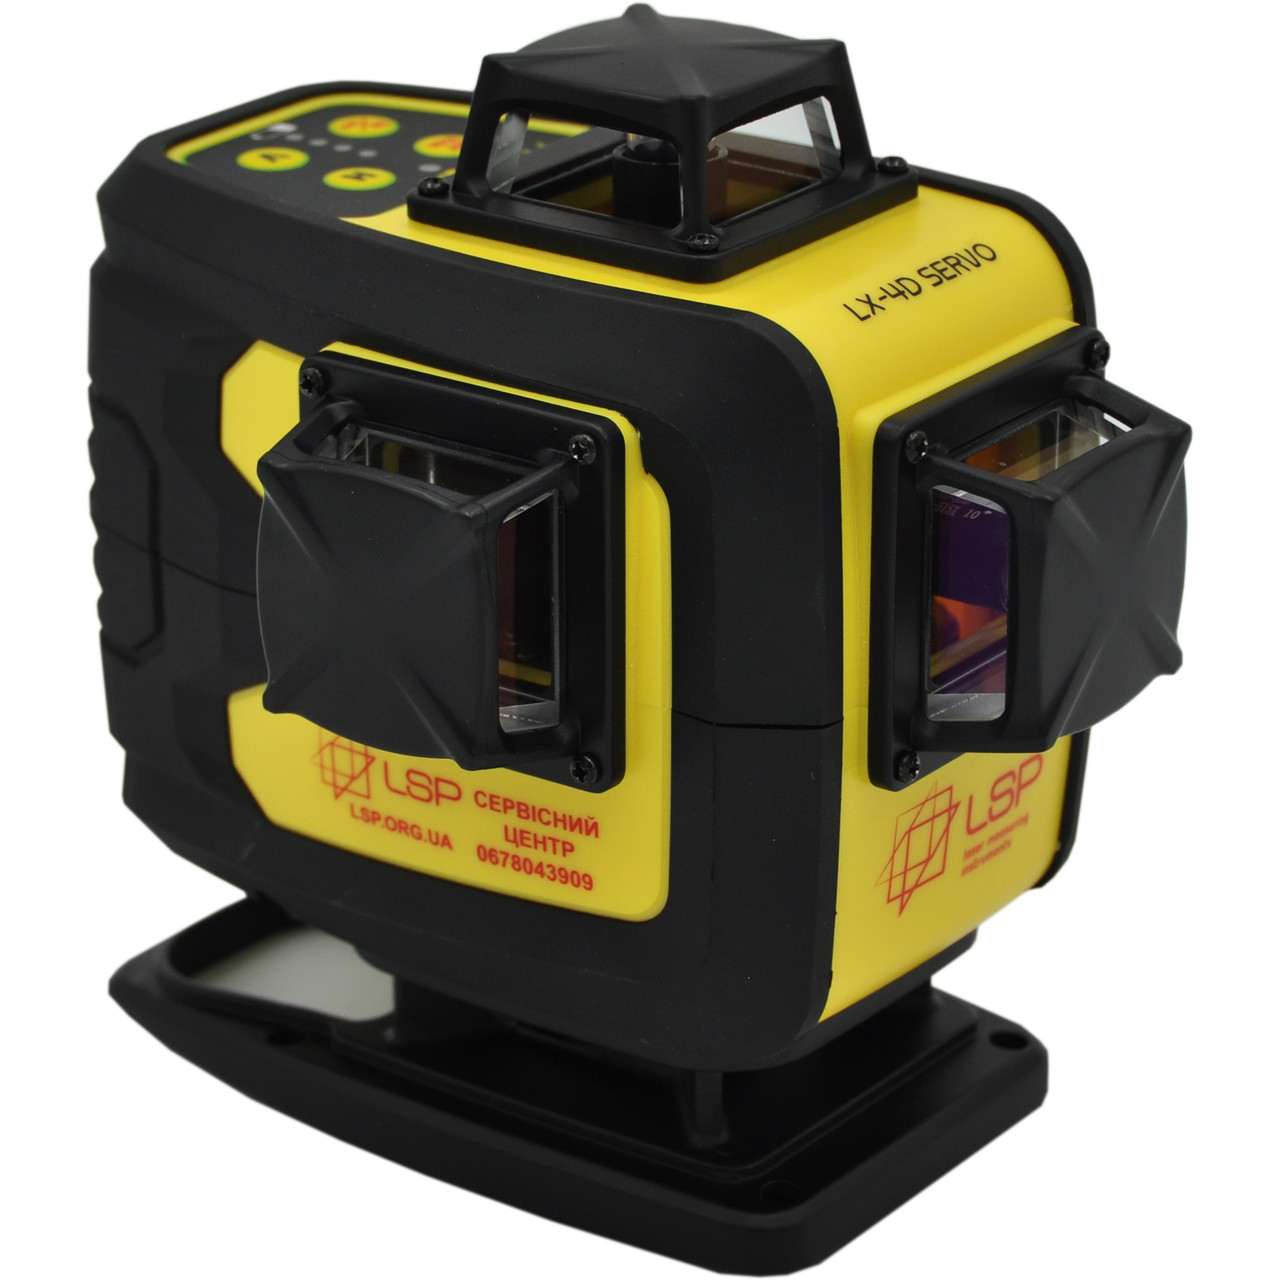 4D Лазерный уровень 16 линий LSP LX-4D Servo